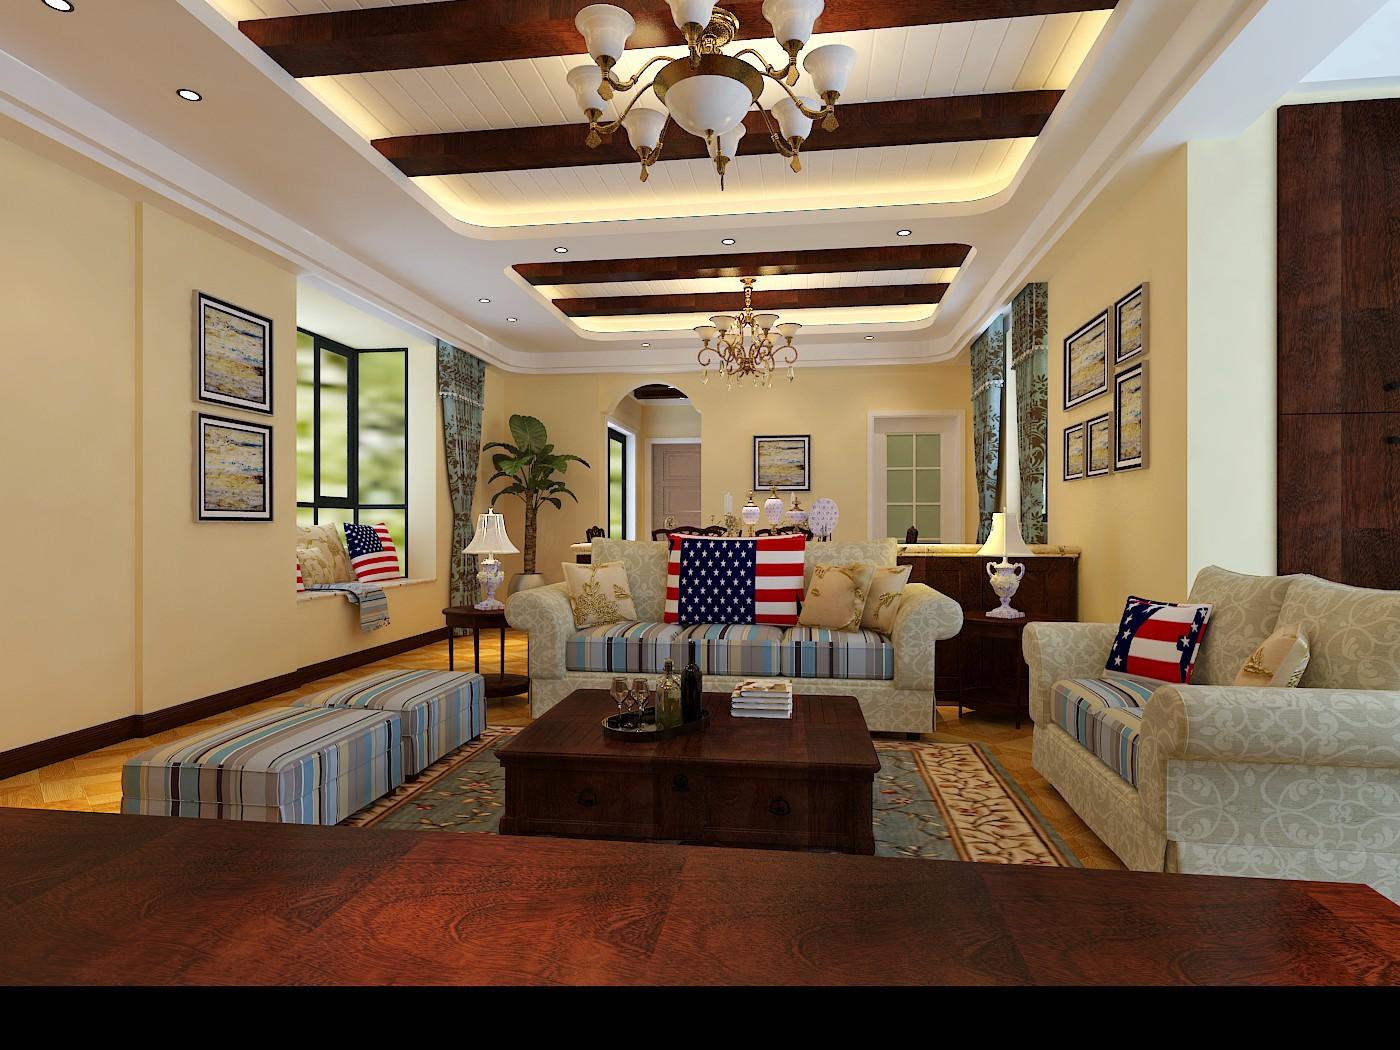 美式风格,顾名思义是来自于美国的装修和装饰风格。是殖民地风格中最著名的代表风格,某种意义上已经成了殖民地风格的代名词。?